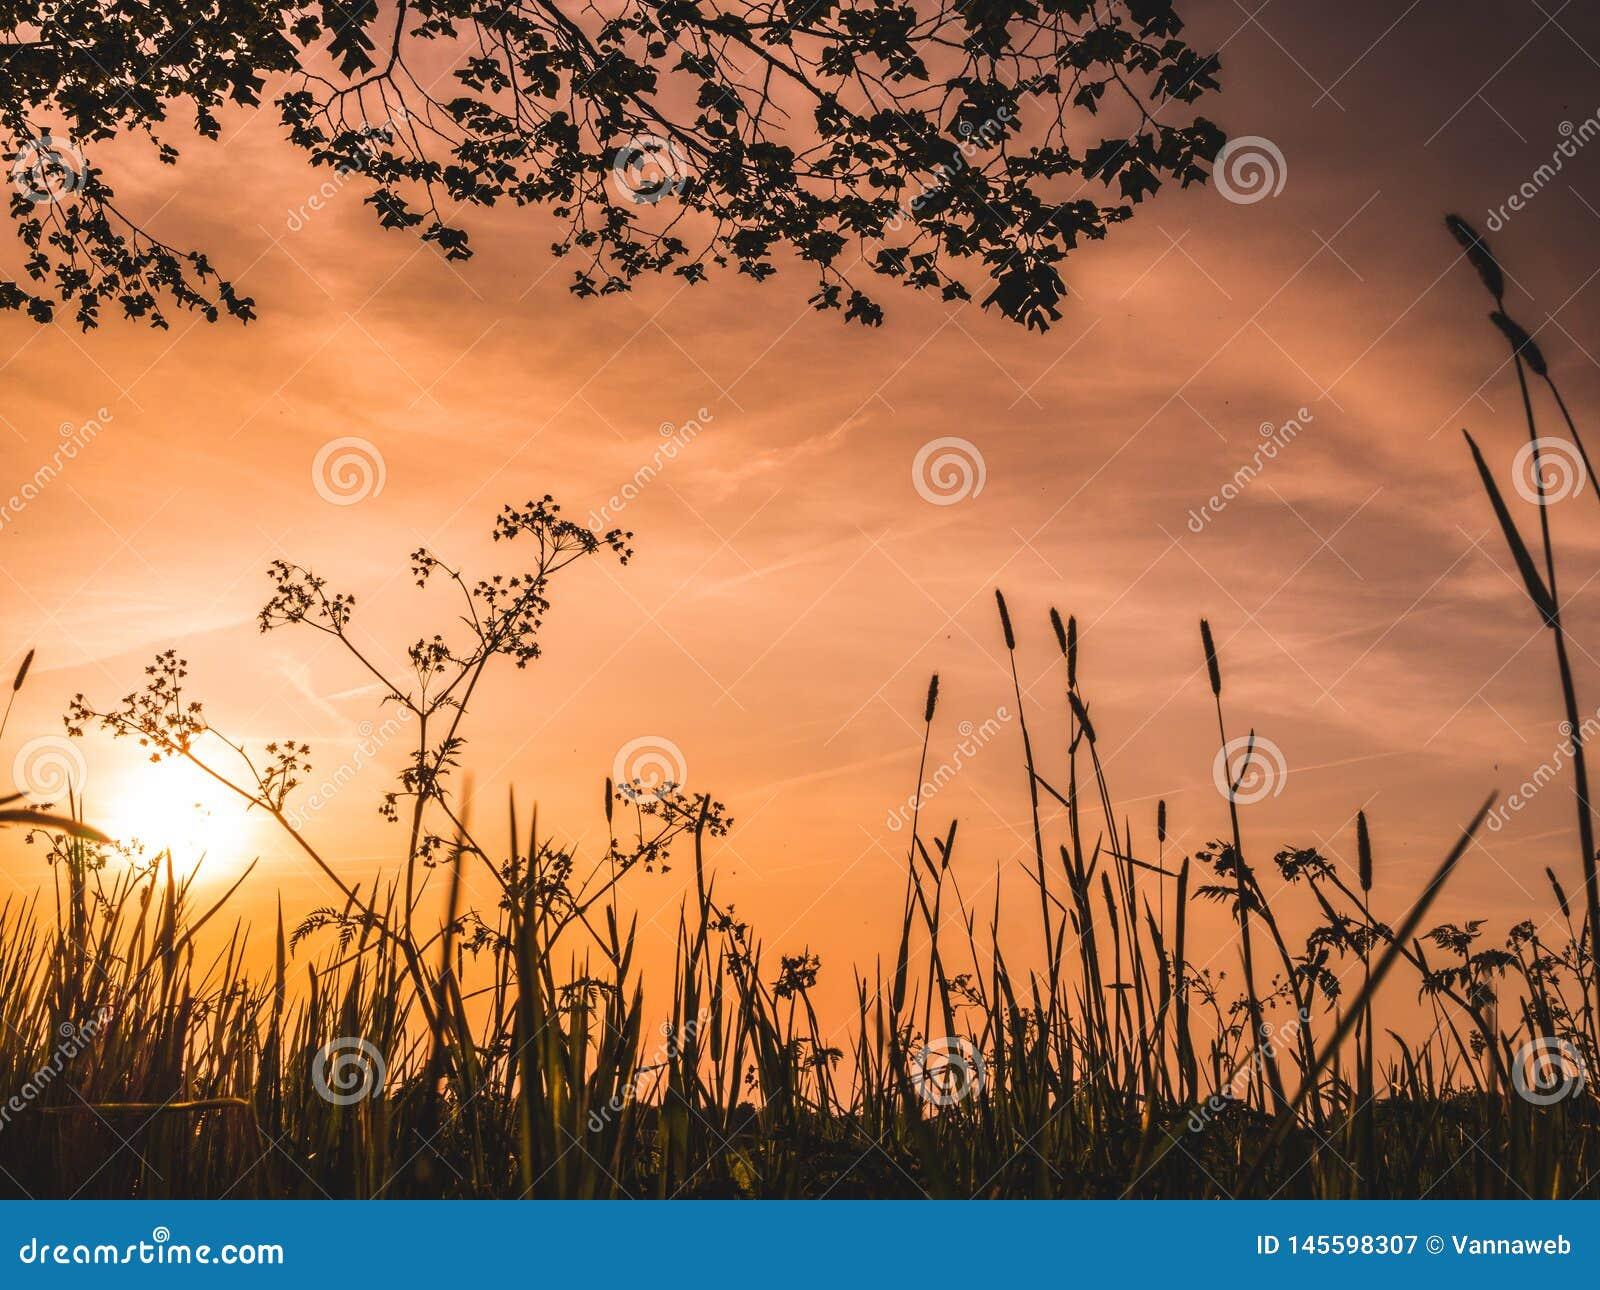 Imagen de la puesta del sol desde un punto de vista bajo